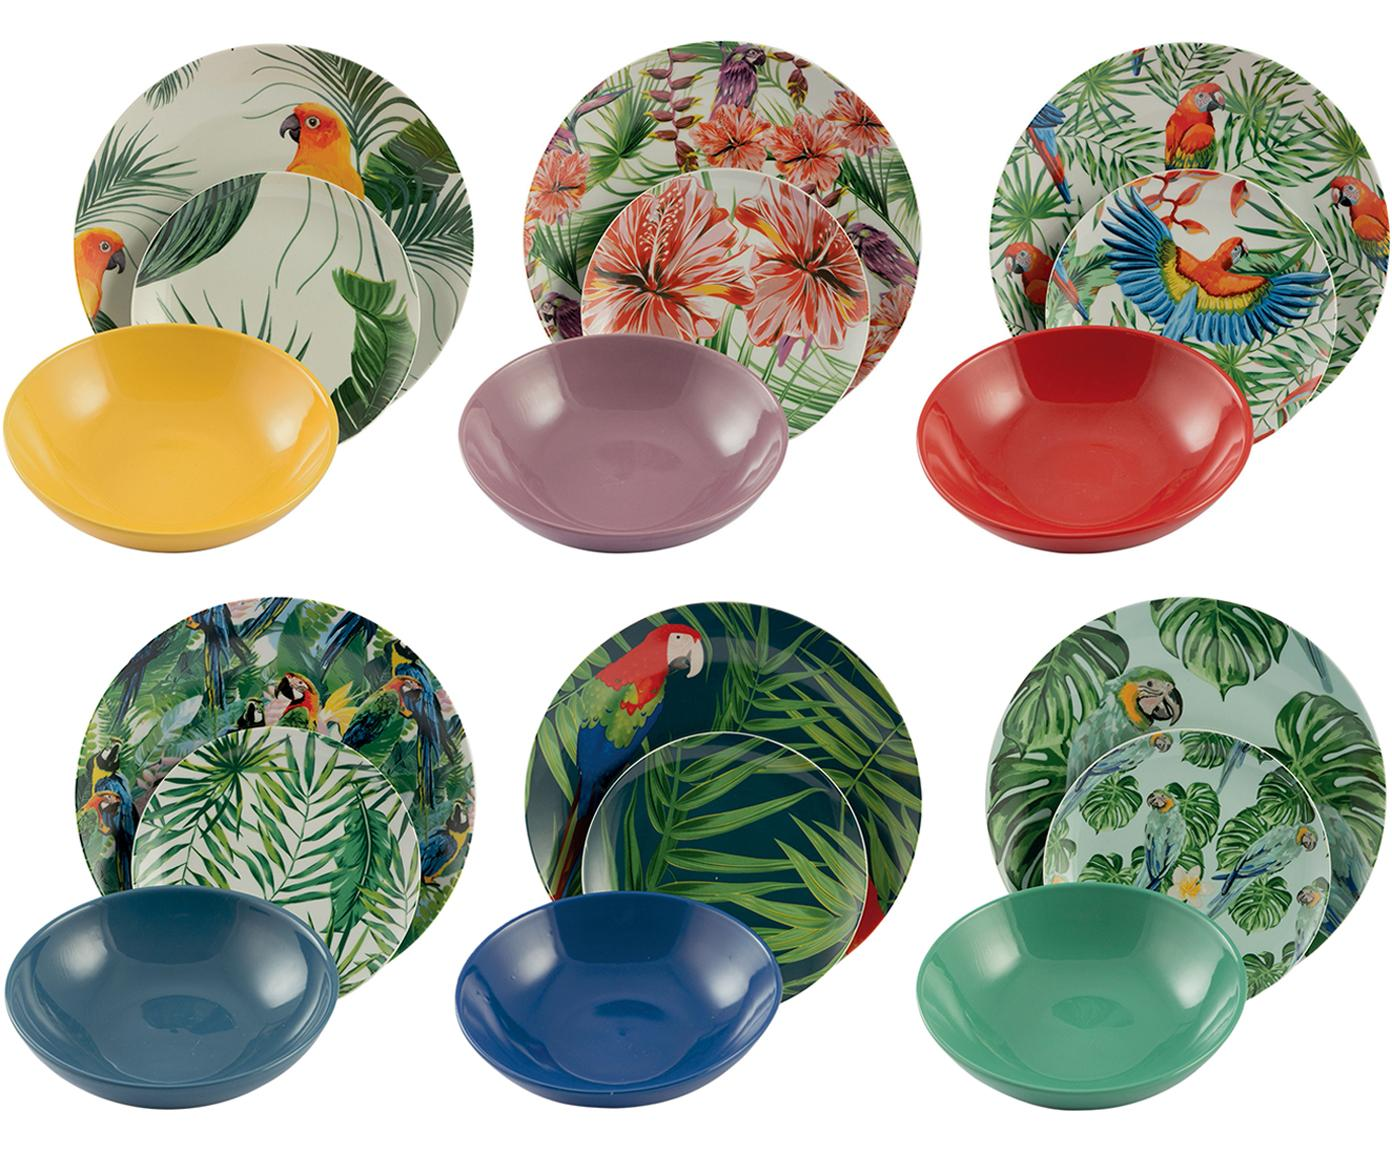 Vajilla Parrot Jungle, 18pzas., Porcelana, Multicolor, Tamaños diferentes